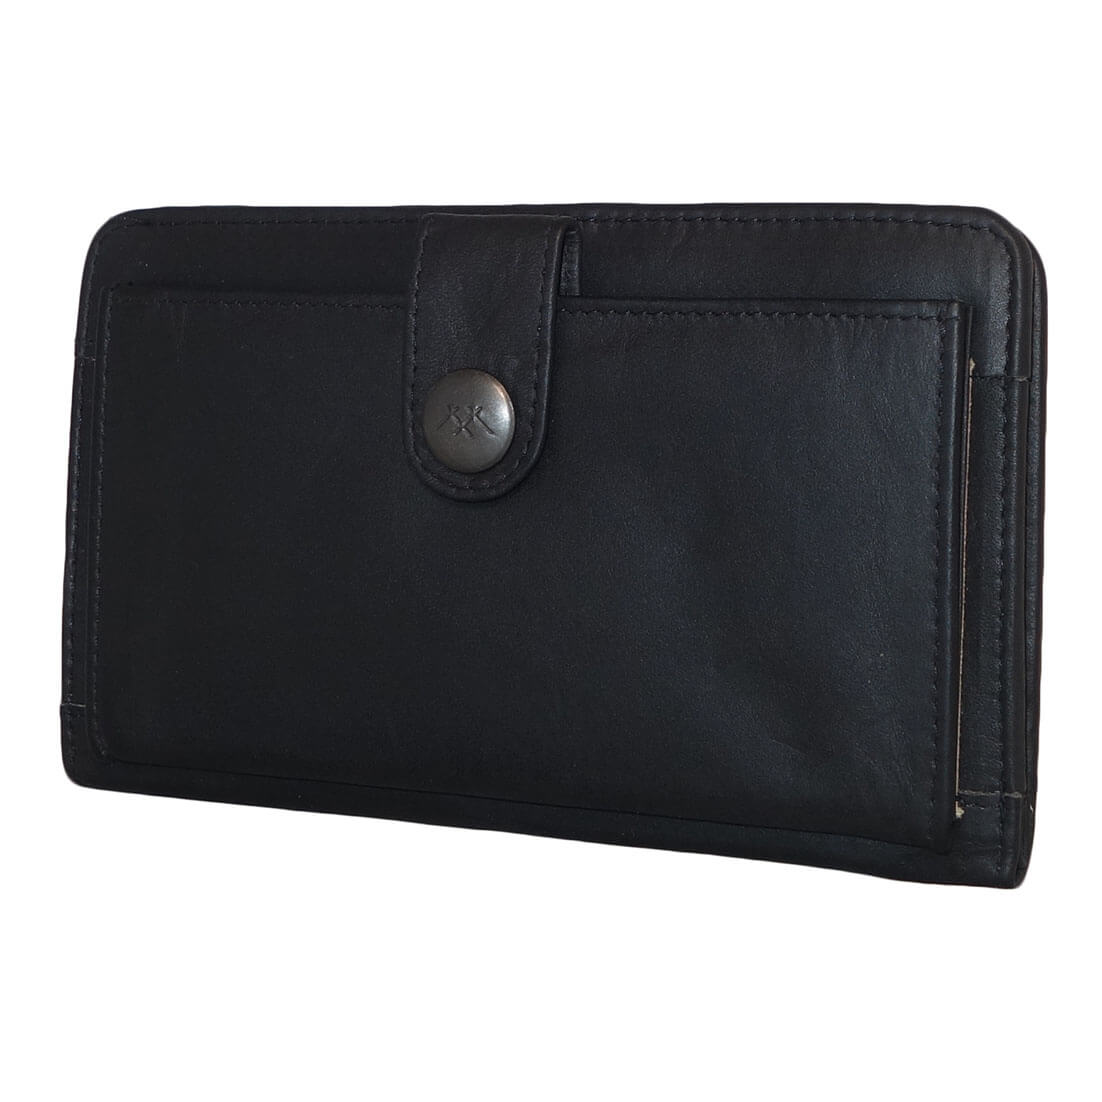 49404540de2 Micmacbags RFID Portemonnee met Smartphone Vak Zwart online kopen